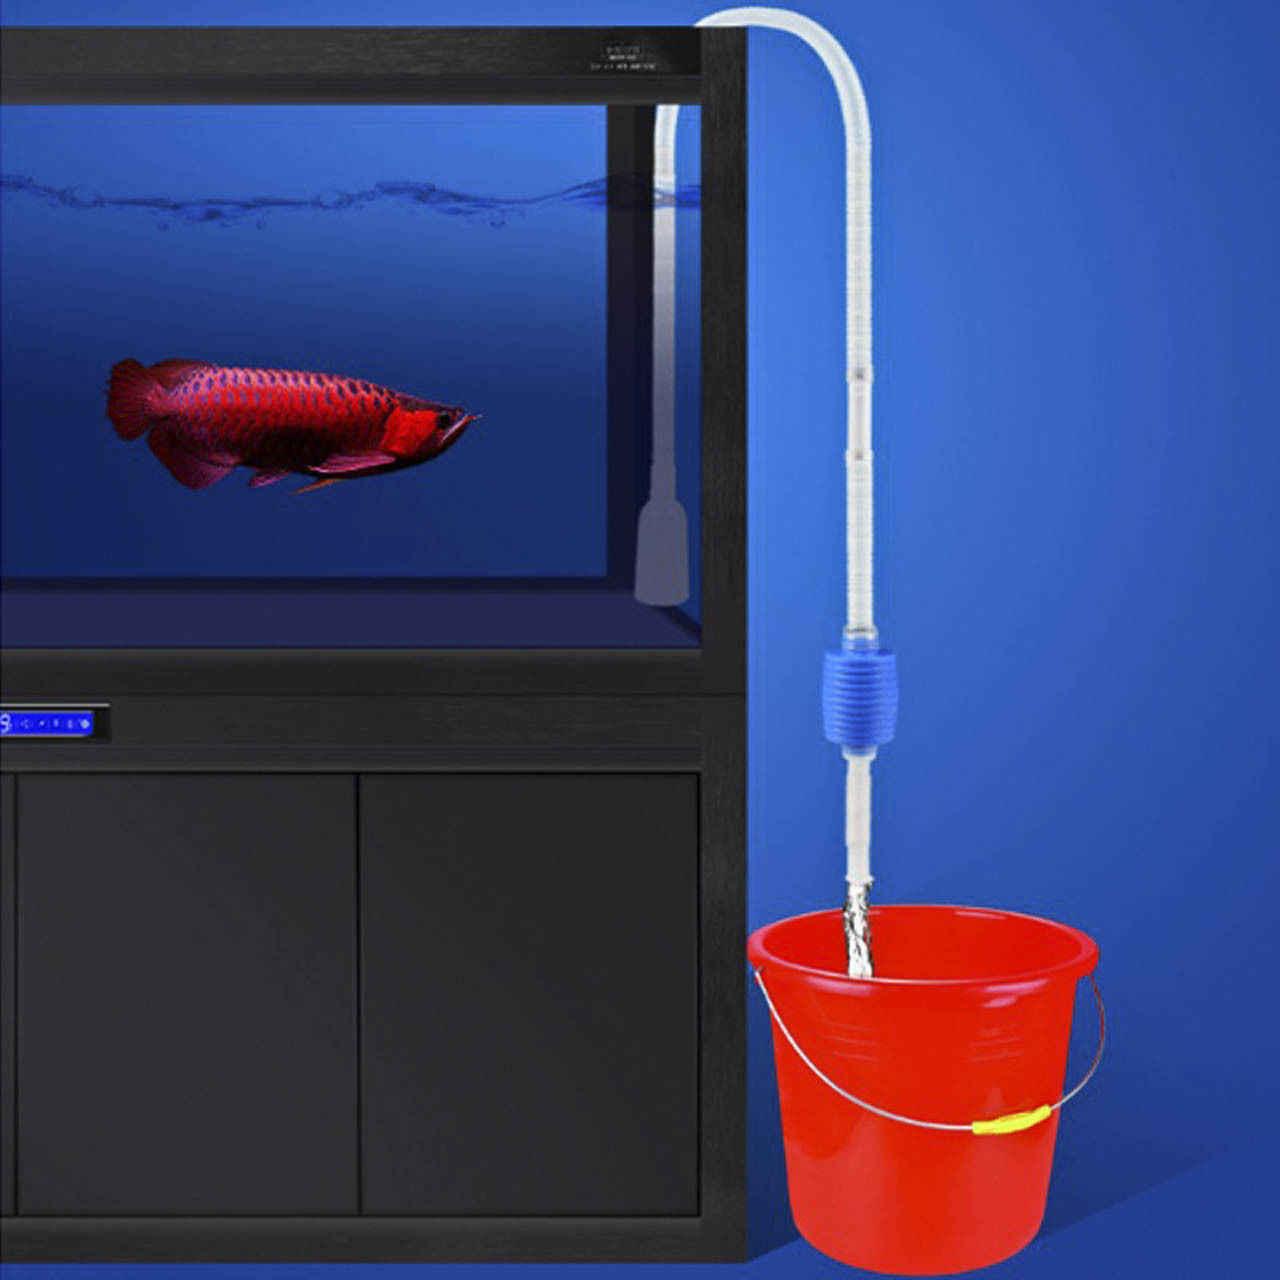 Aquarium Water Filter Tool Aquarium Grind Vacuüm Reiniging Cleaner Siphon Pomp Veranderen Water Schoonmaken Tool